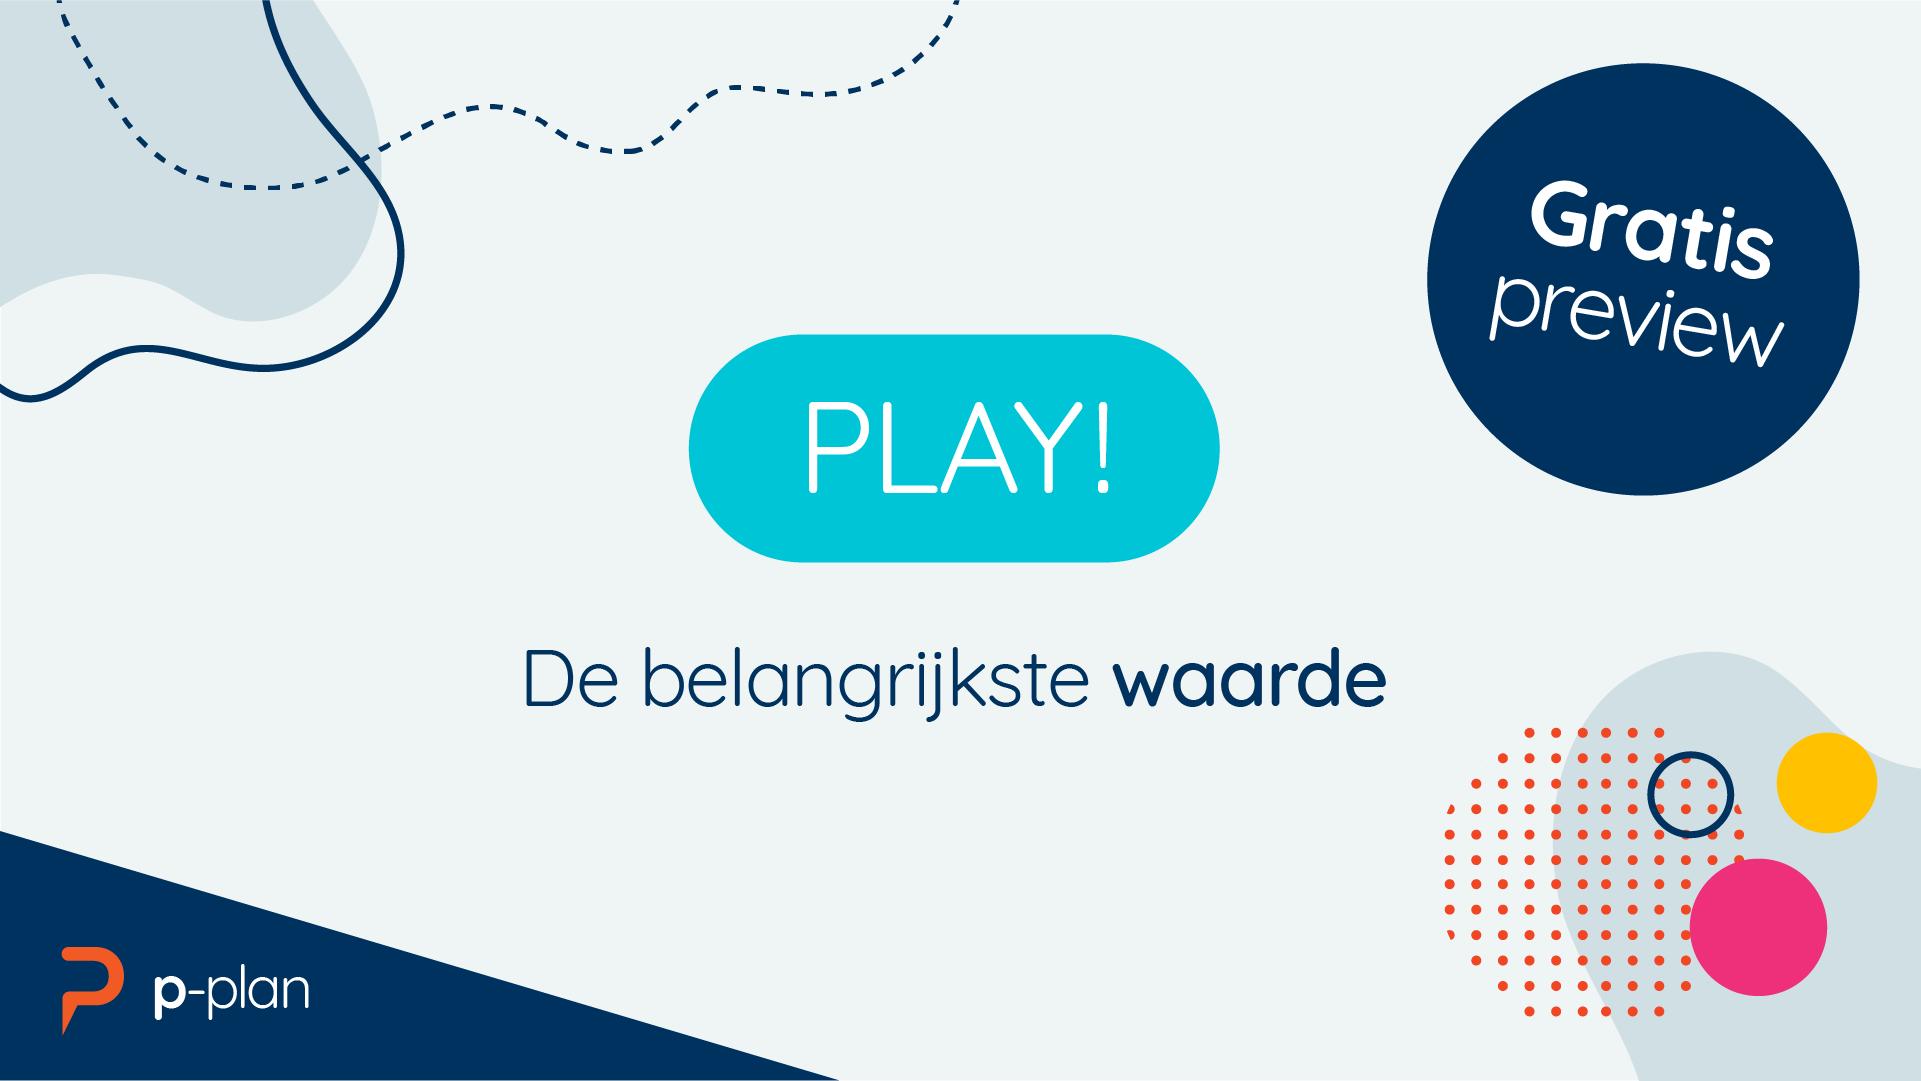 Deze gratis preview les gaat over Play, de belangrijkste waarde van P-Plan